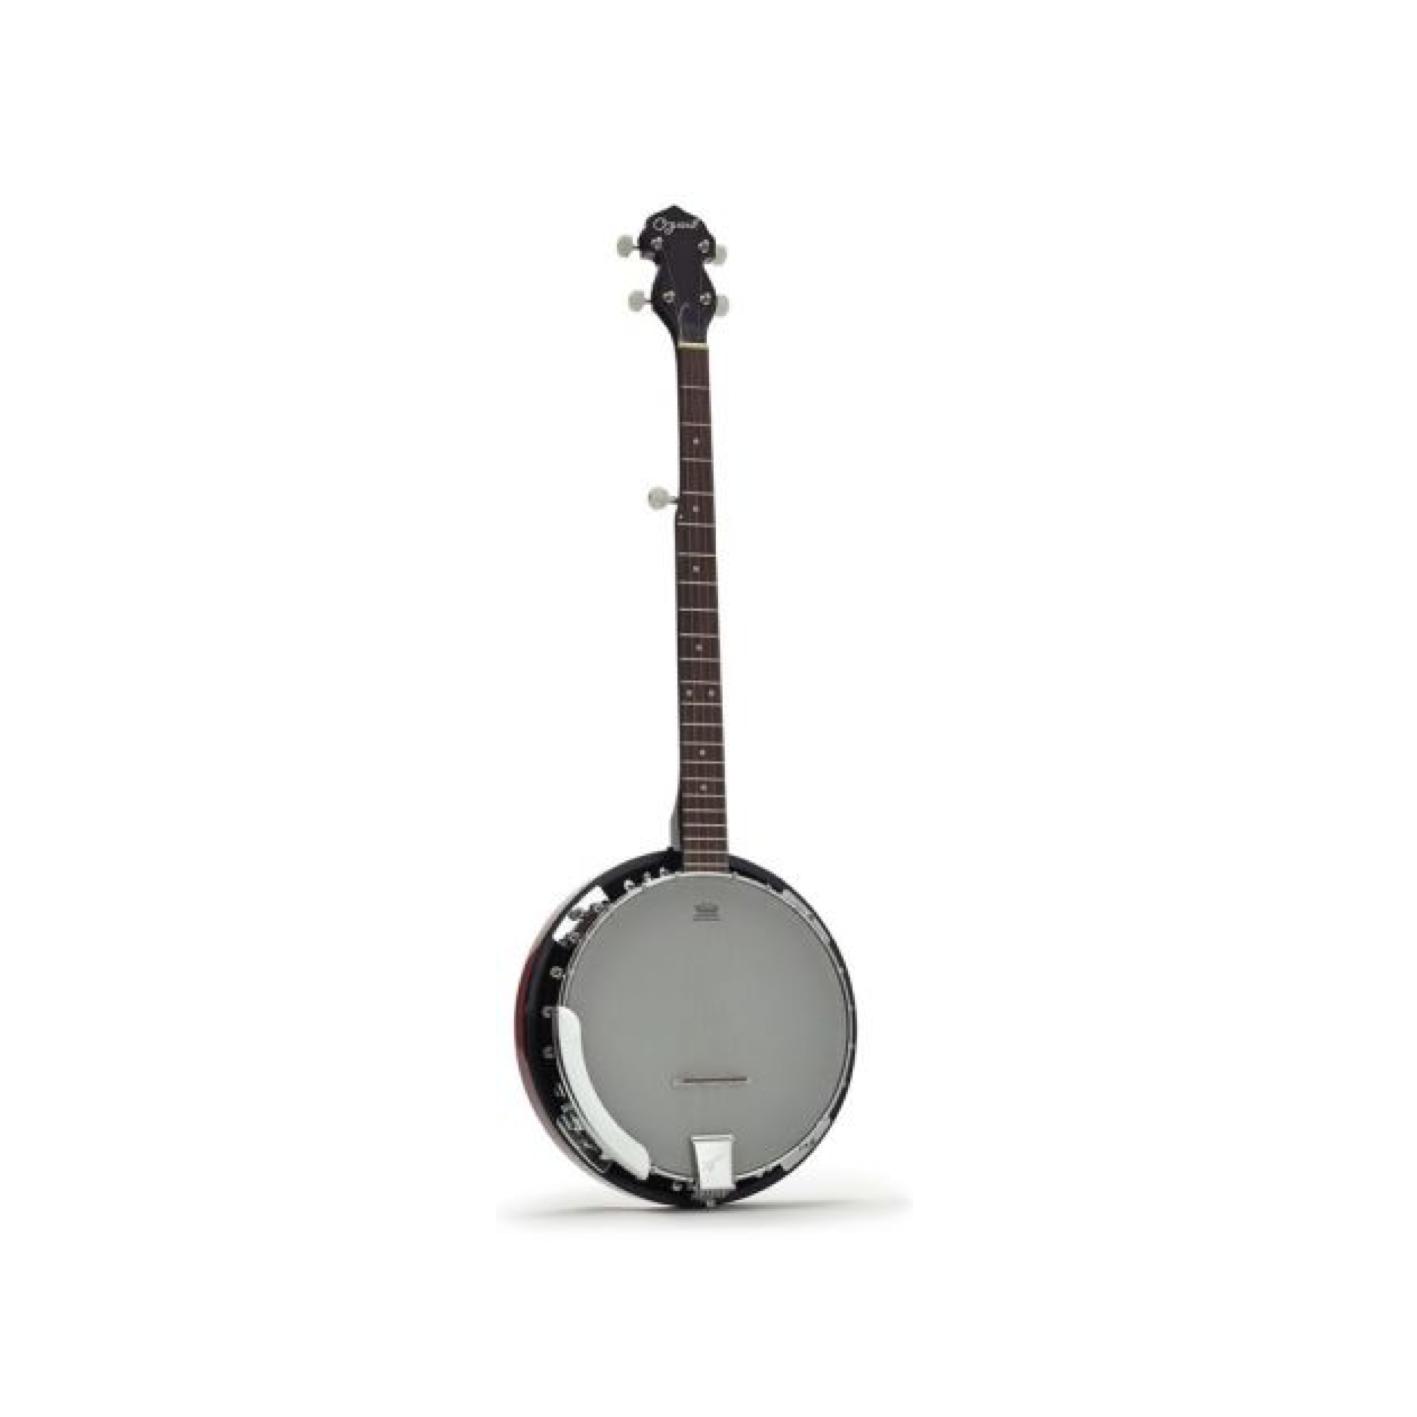 Ozark 2105G 5 String Banjo w/ Padded Bag